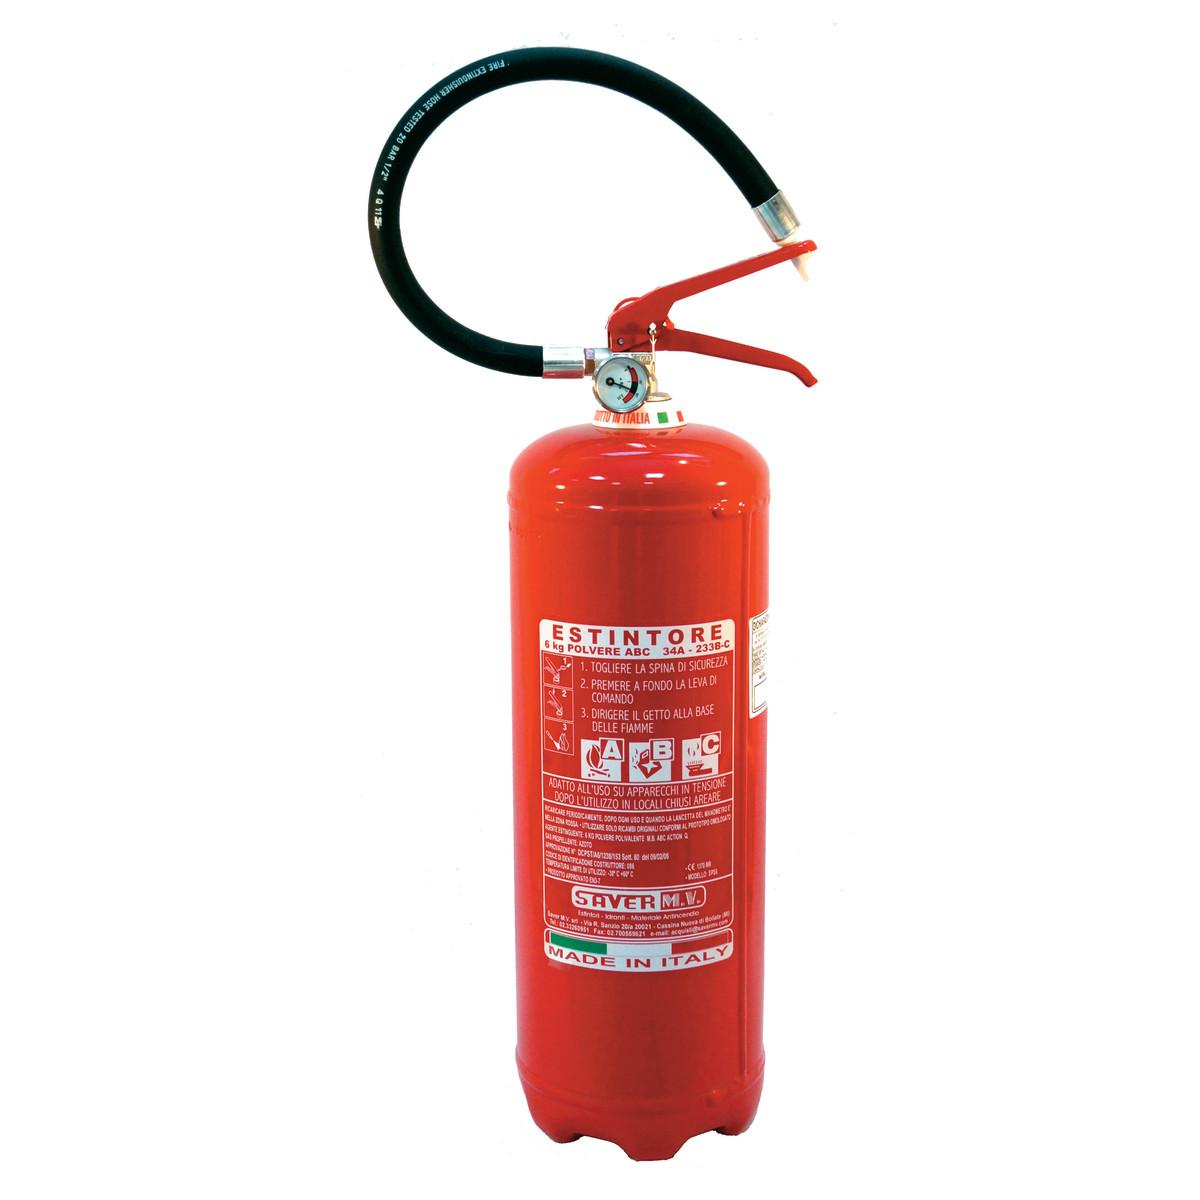 Firestop estintore a polvere 6 kg prezzo e offerte - Estintore in casa ...